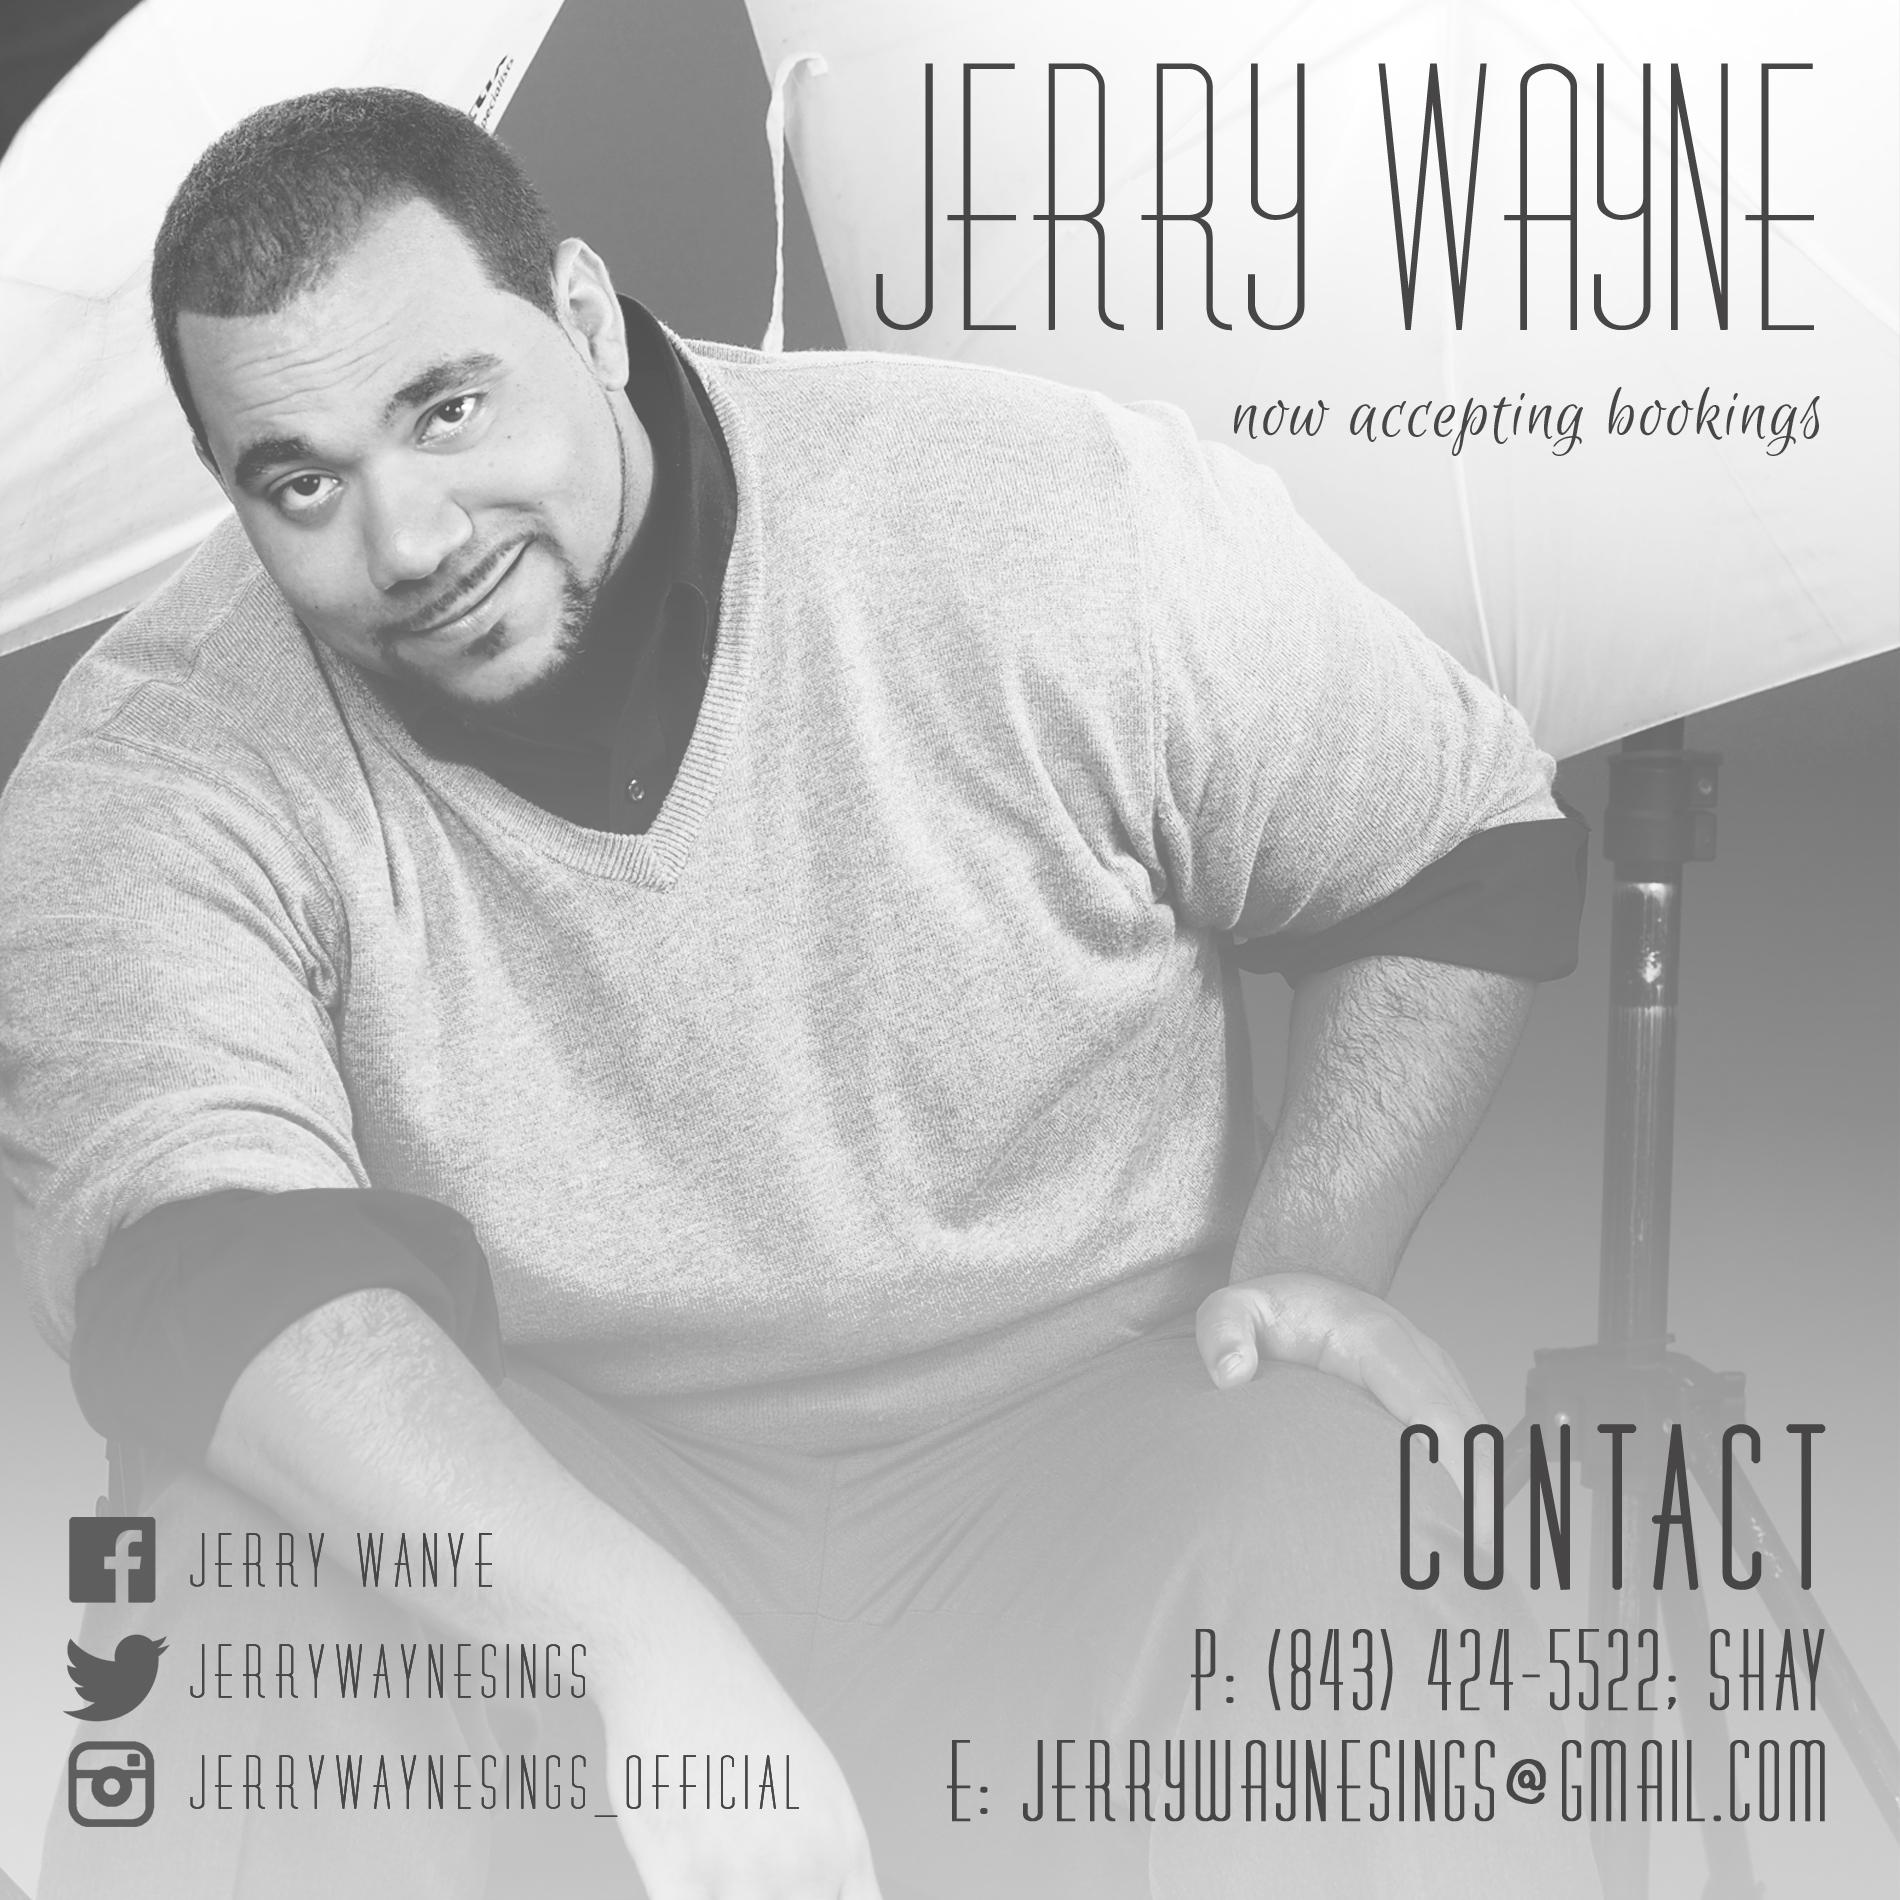 Jerry Wayne